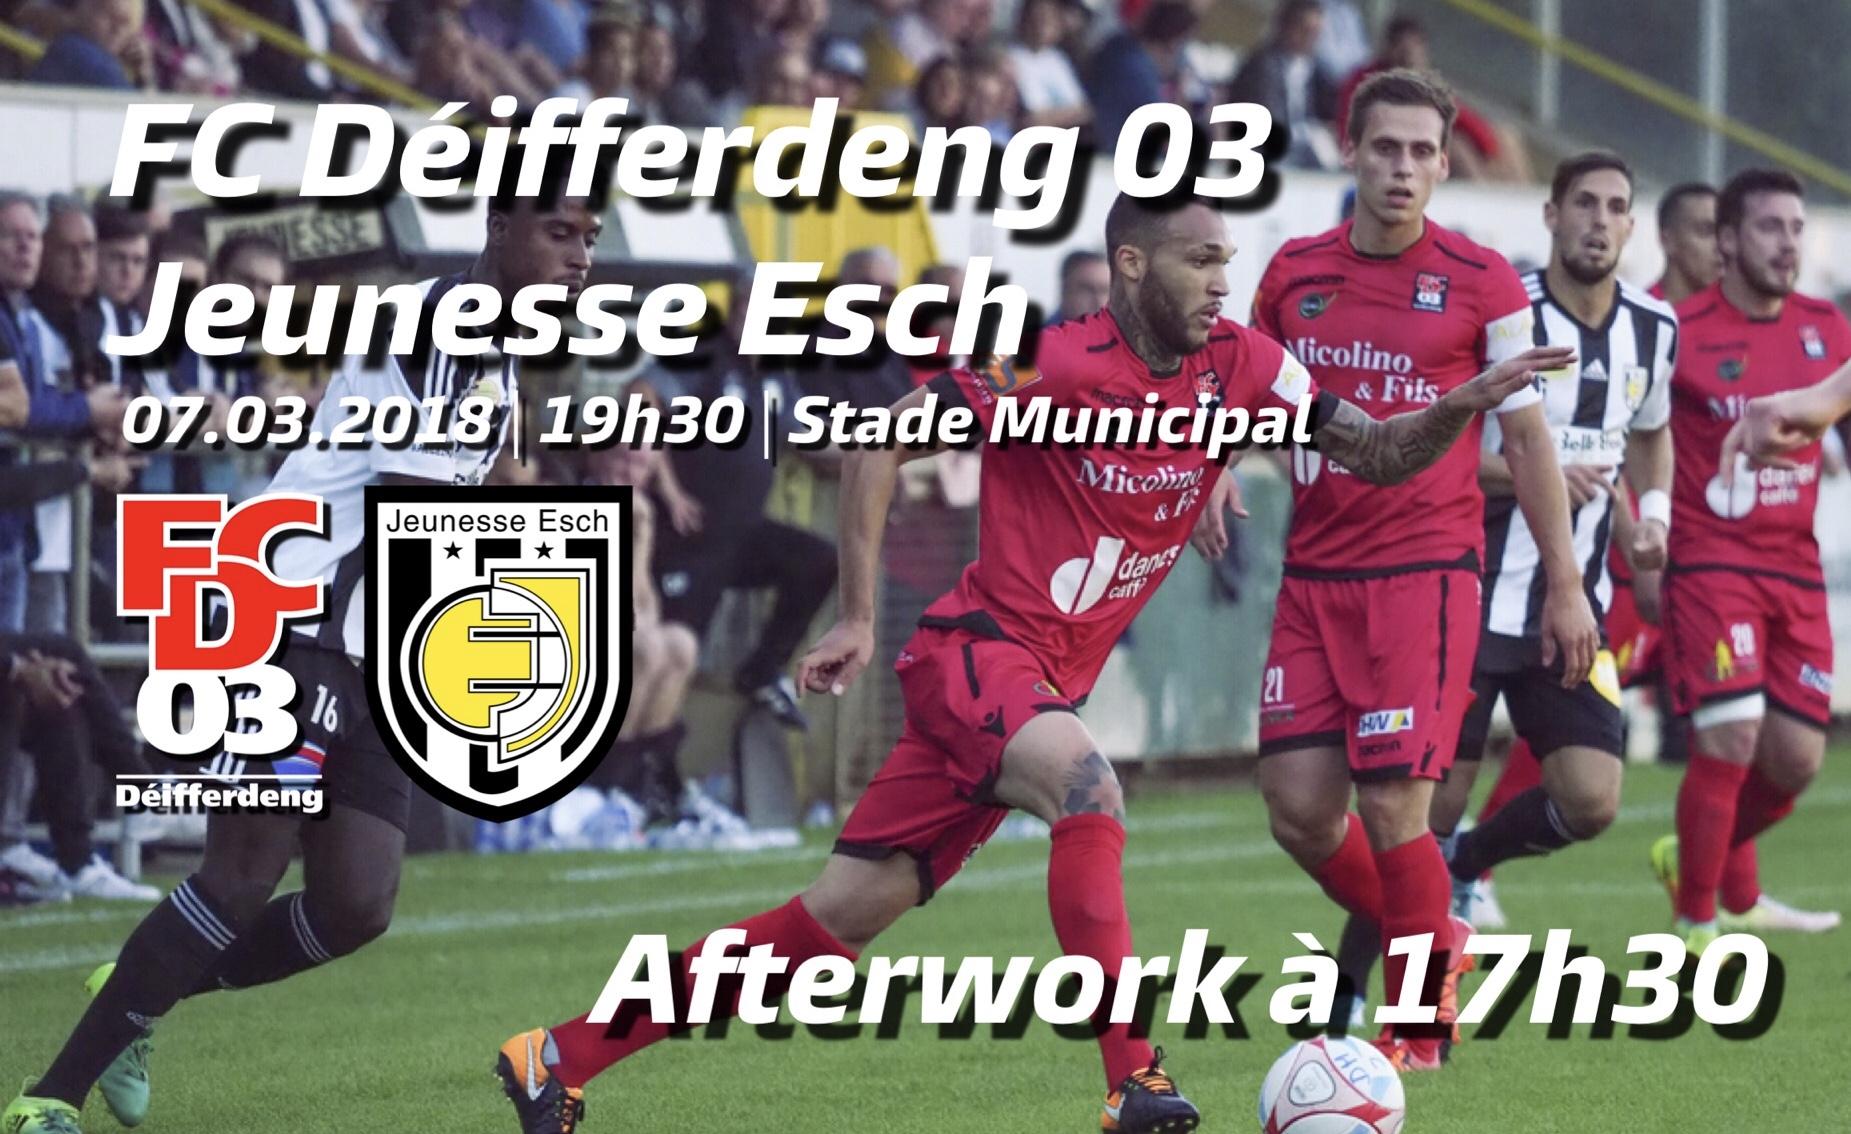 FC Déifferdeng 03 - Jeunesse Esch avec Afterwork